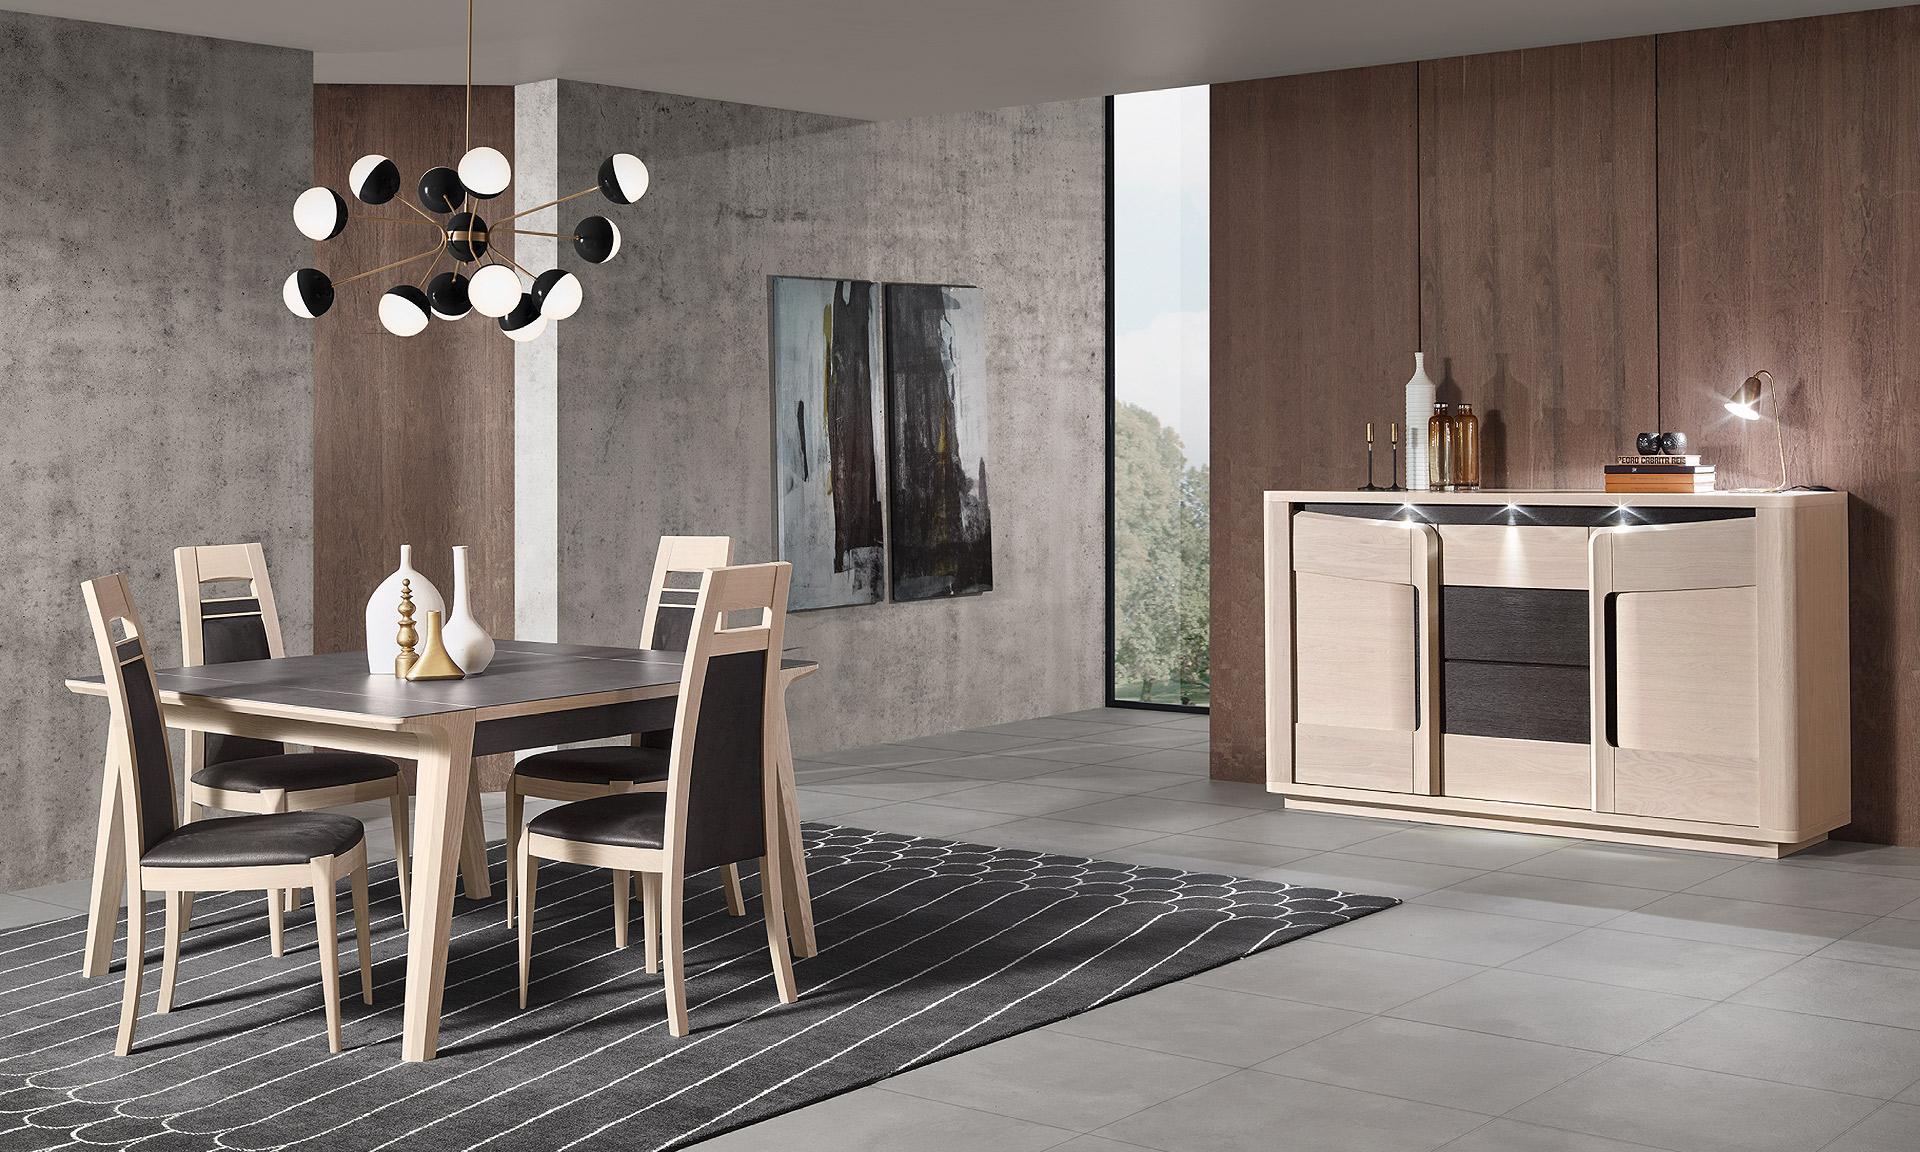 meuble sejour linda les meubles du vihiersois vihiers au coeur de l 39 anjou entre angers. Black Bedroom Furniture Sets. Home Design Ideas